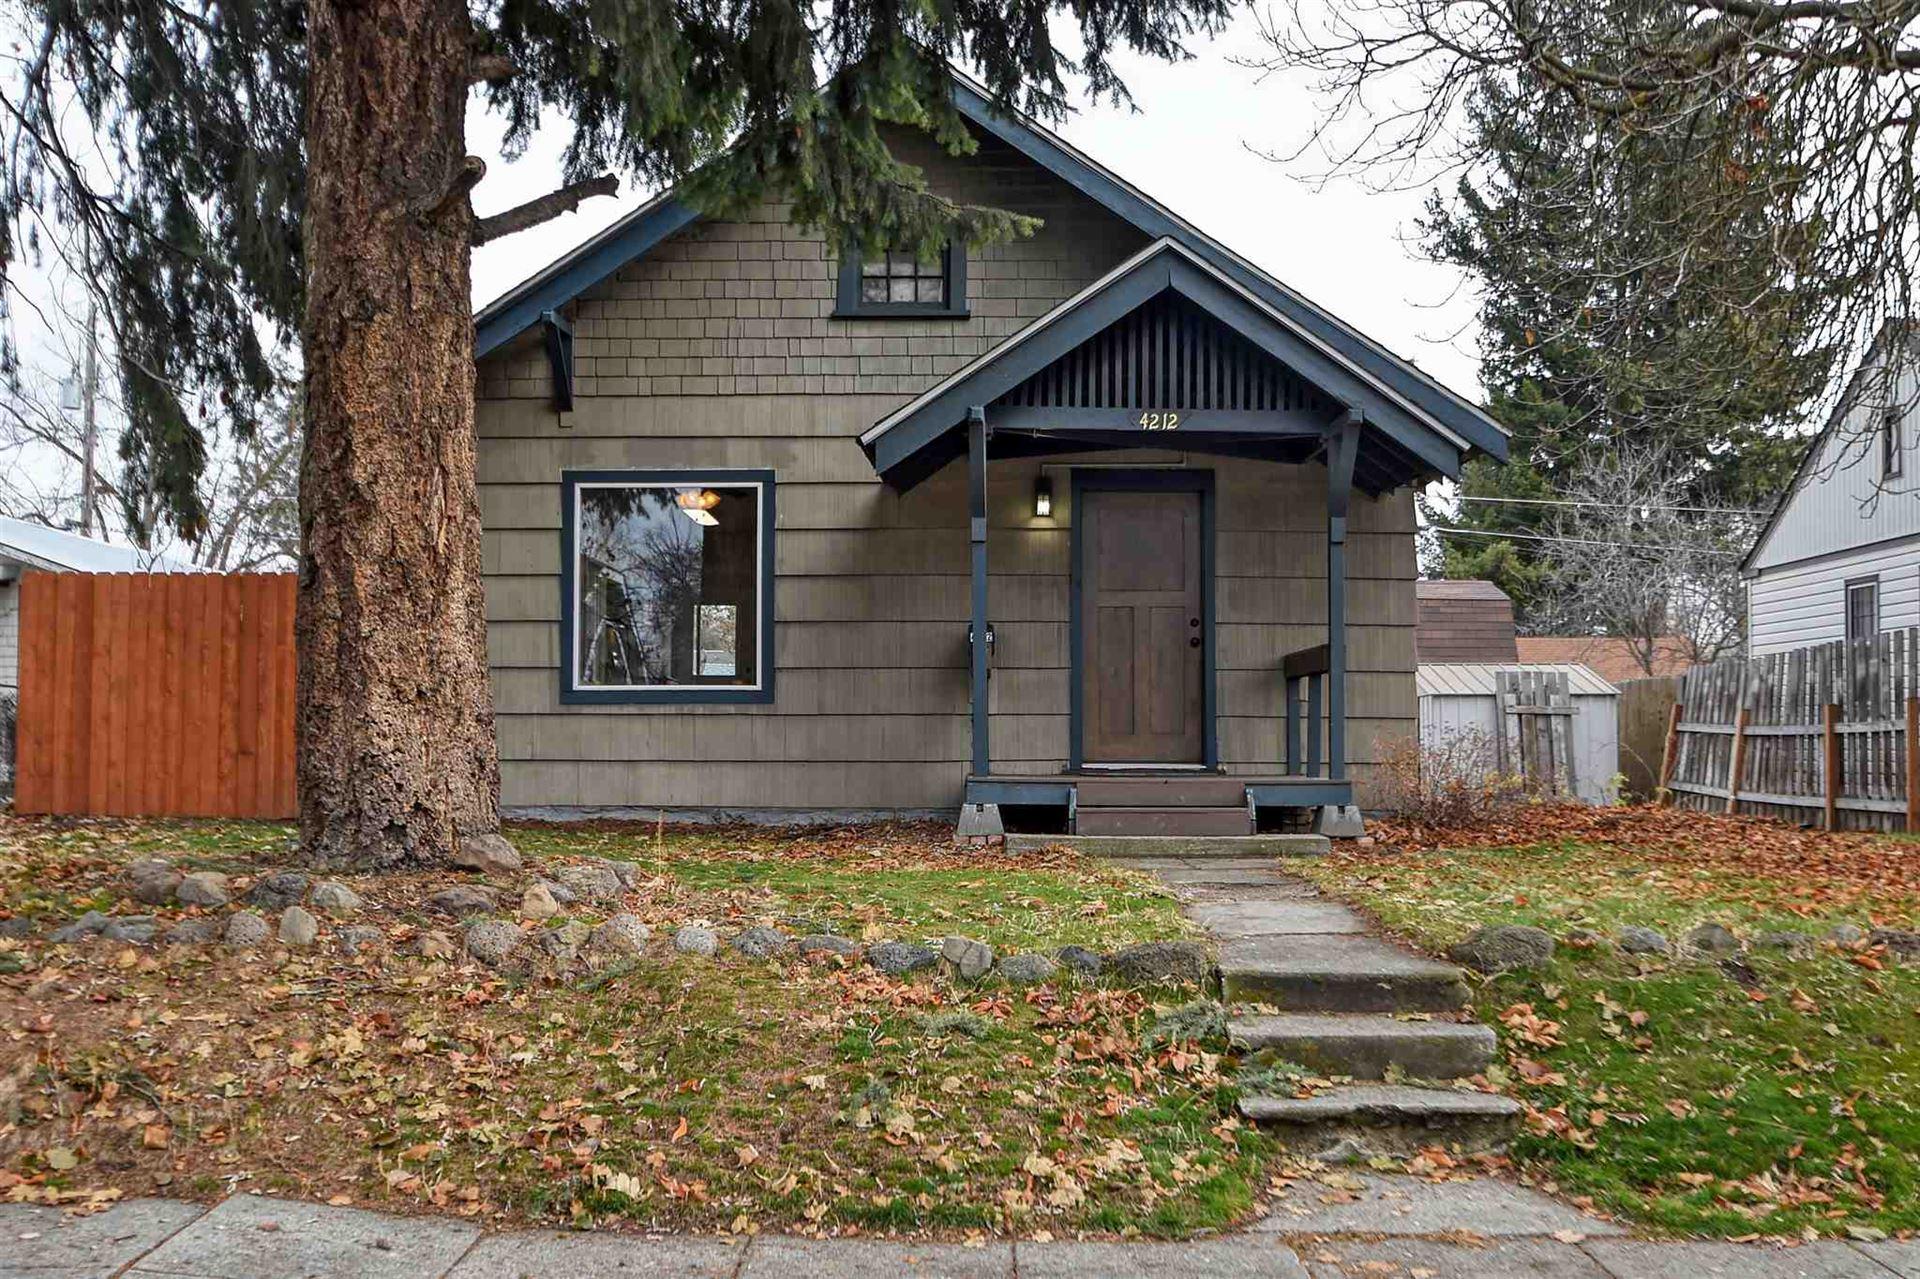 4212 N Post St, Spokane, WA 99205 - #: 202025678